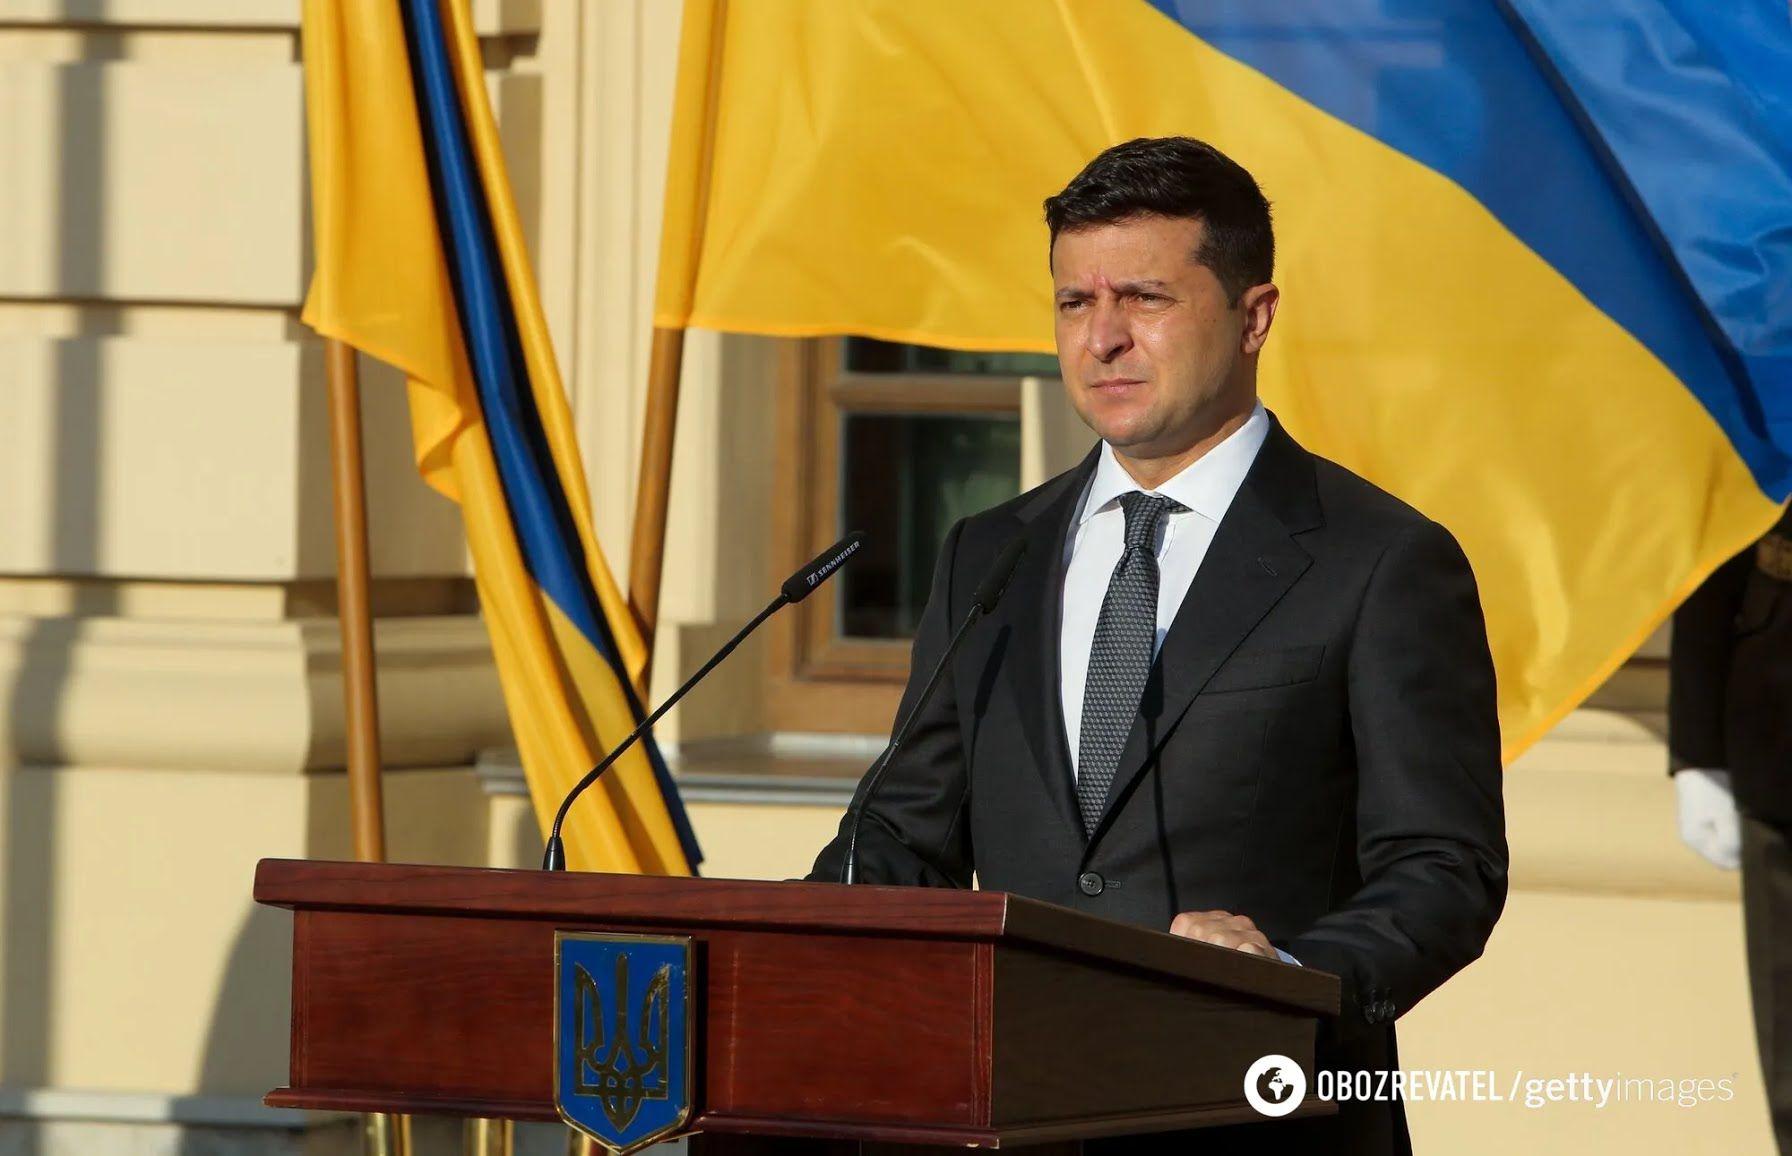 Российский истеблишмент не покидает надежда договориться уже не с президентом Украины Владимиром Зеленским, а с украинским олигархатом